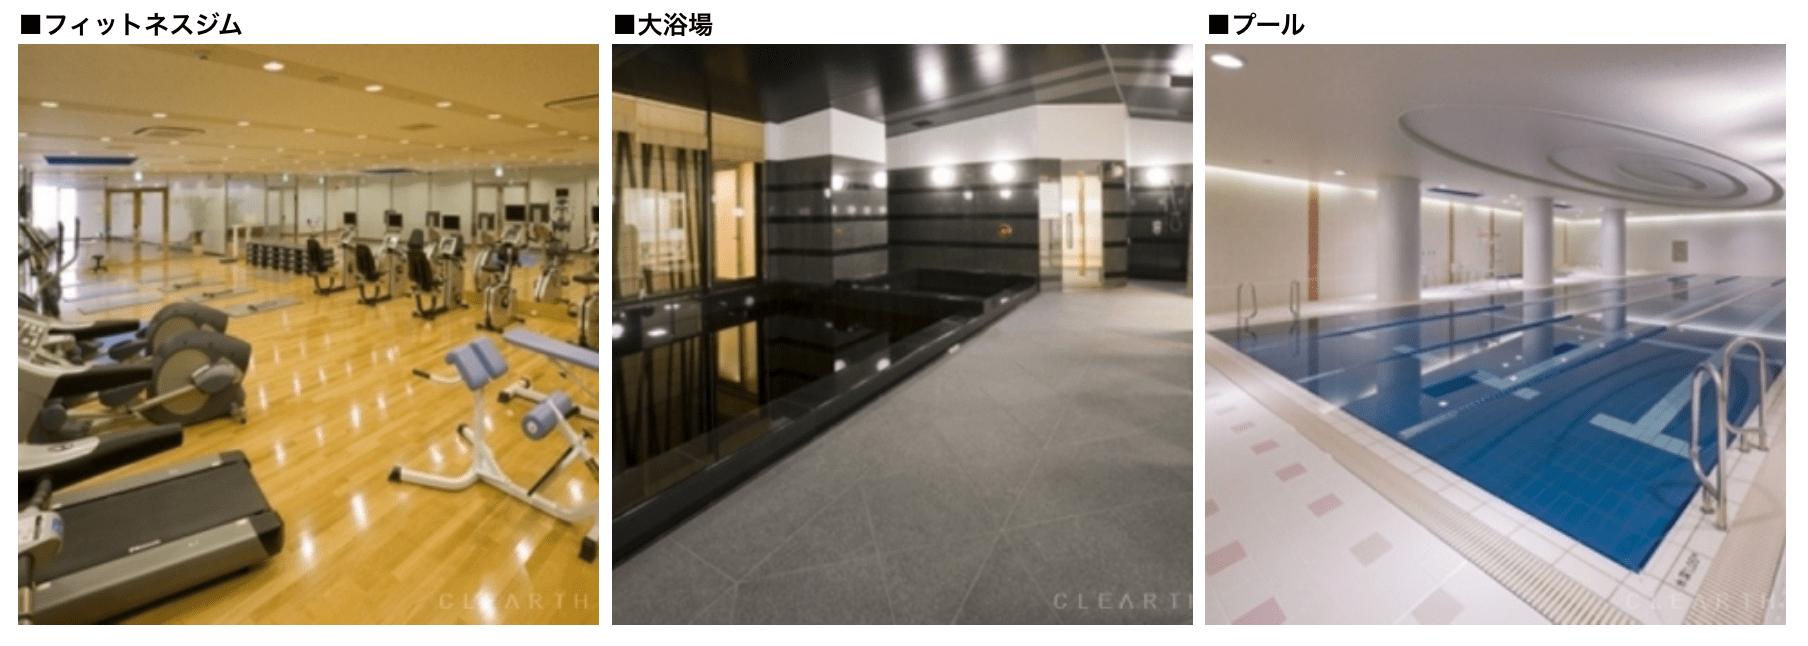 コンシェリア西新宿の共有施設